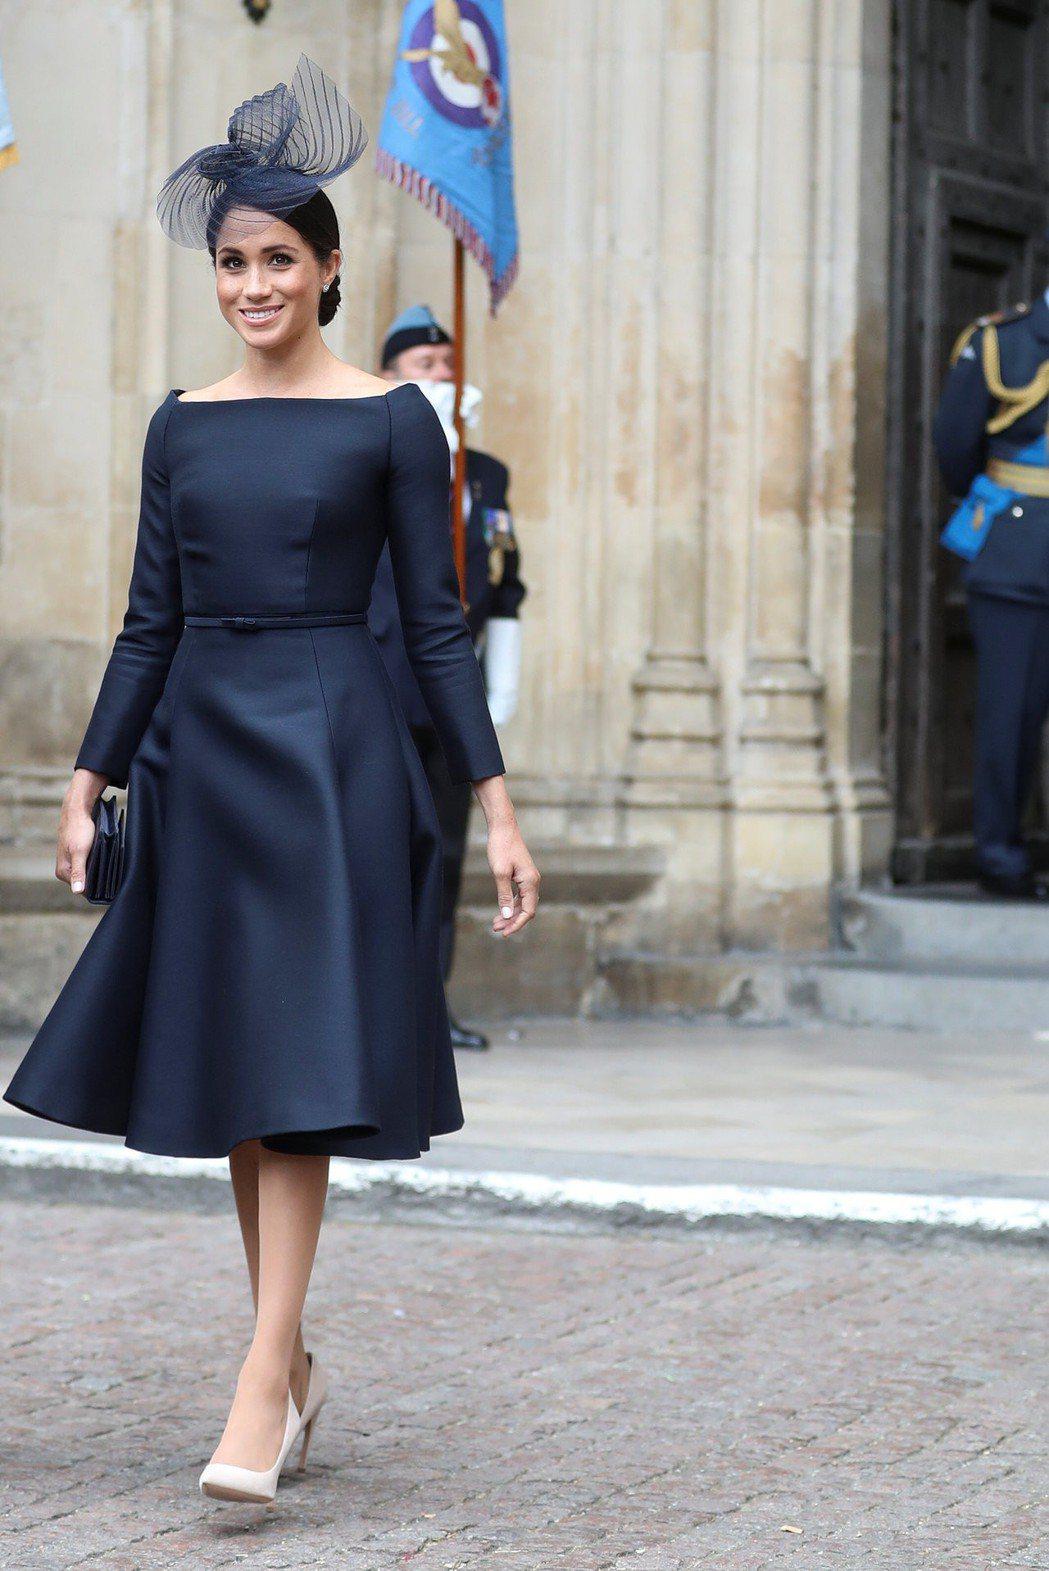 梅根嫁入英國皇室後,開始學習一堆規矩,不時感到挫折。圖/路透資料照片